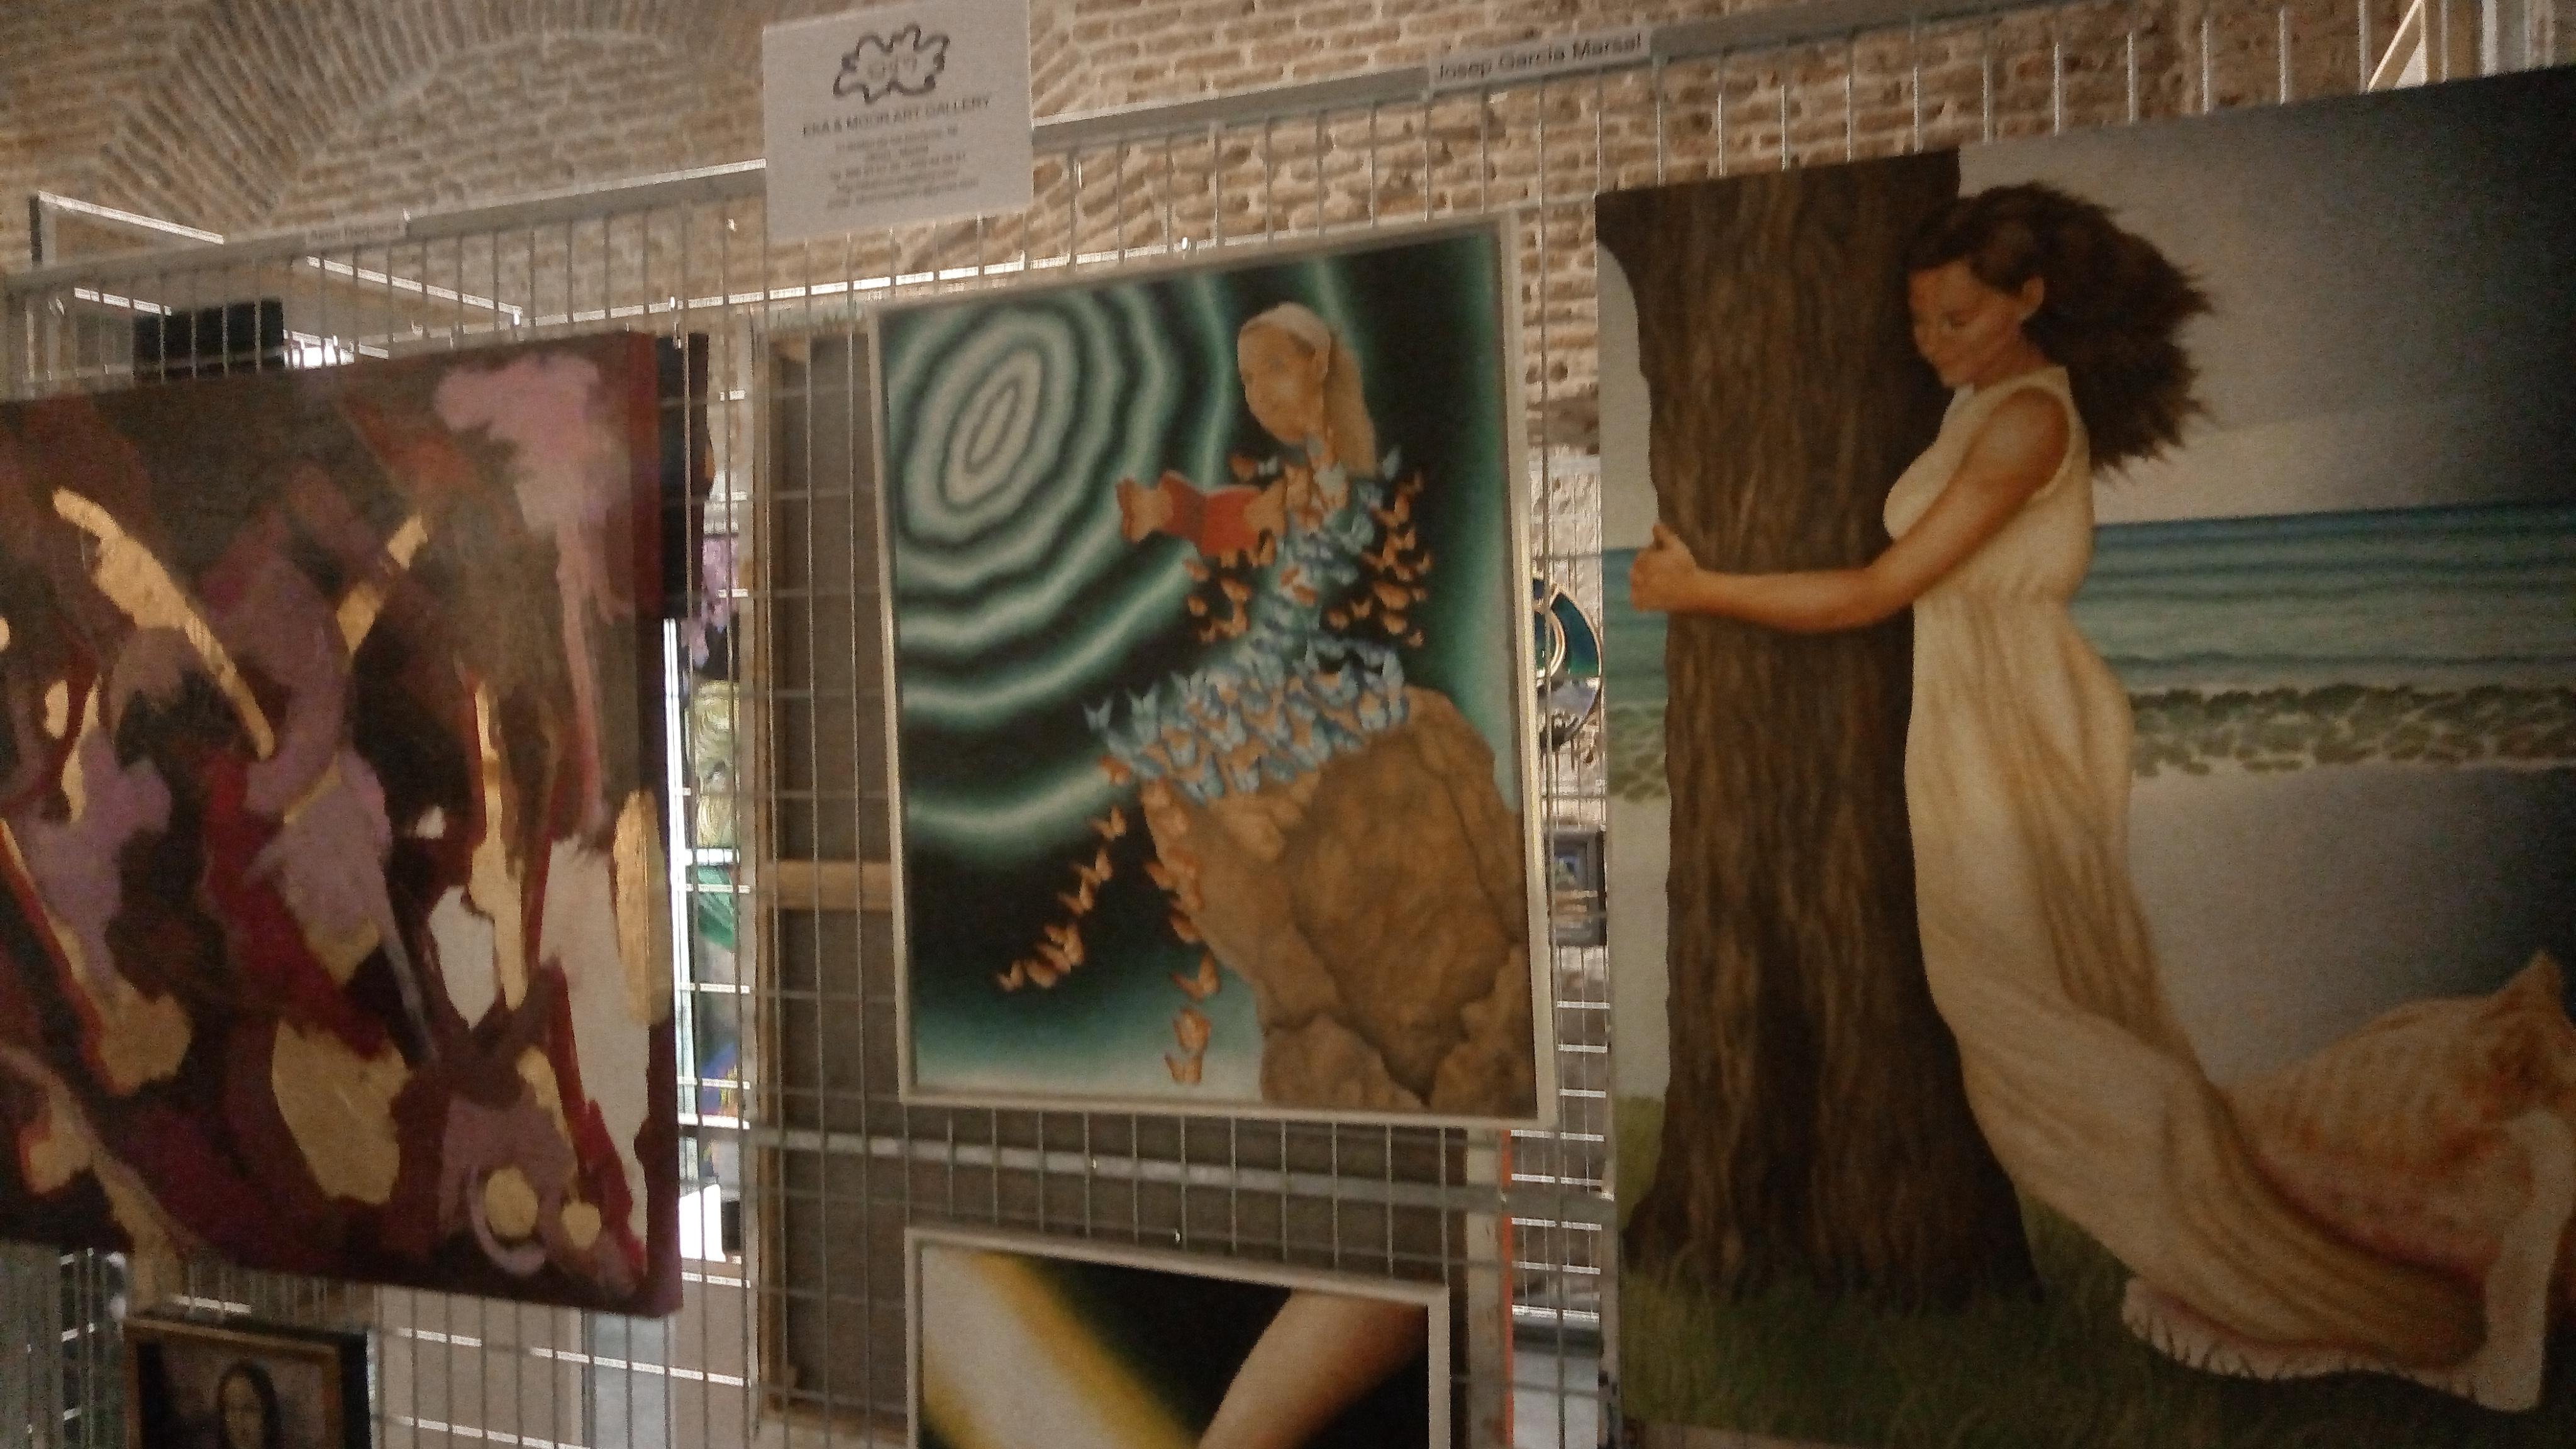 Espacio de Eka & Moor Art Gallery.